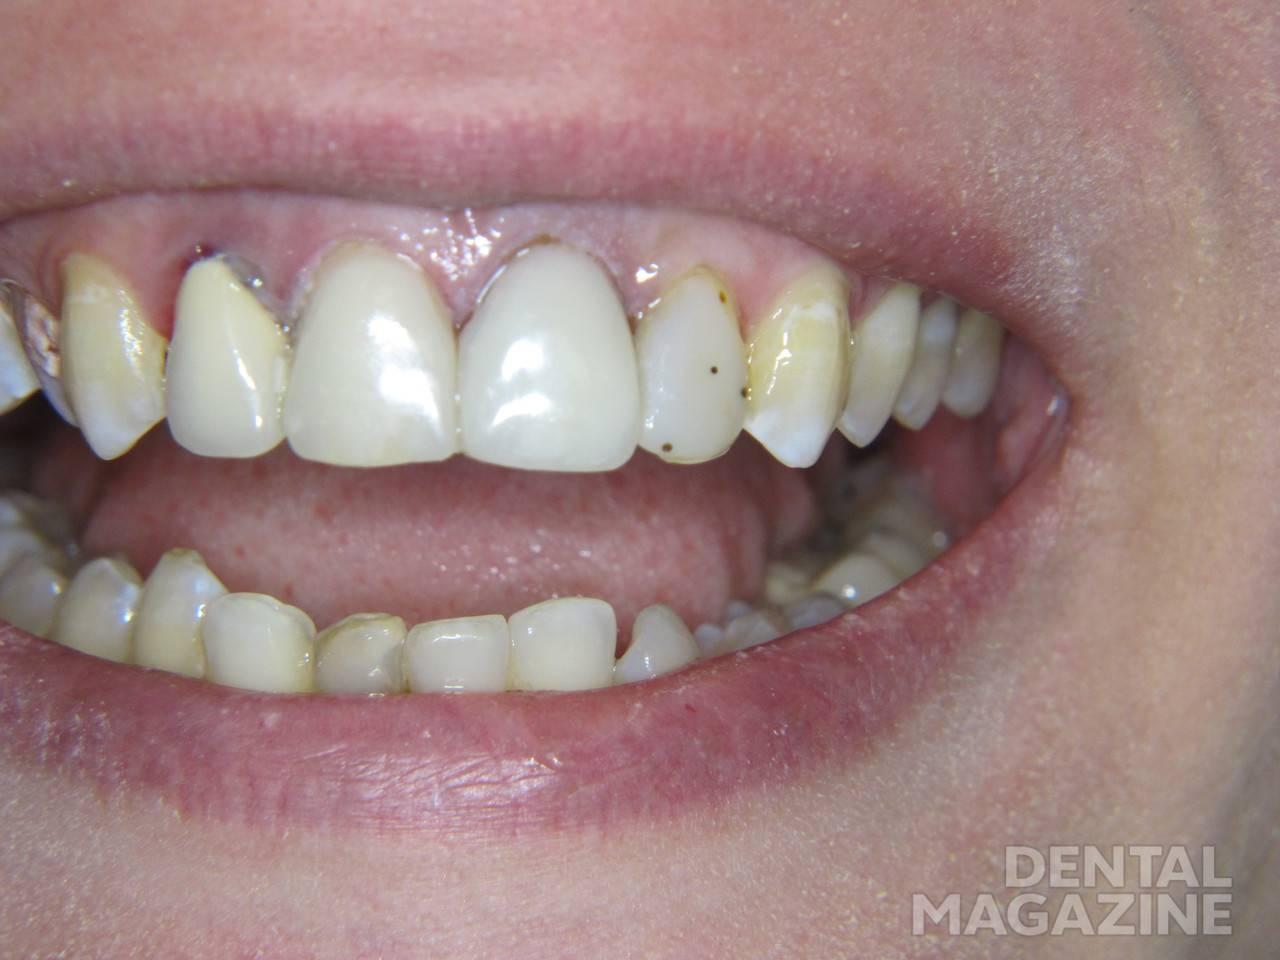 Рис. 10. Зубы 1.1 и 2.1: окончательный вид после реставрации «Амарис».